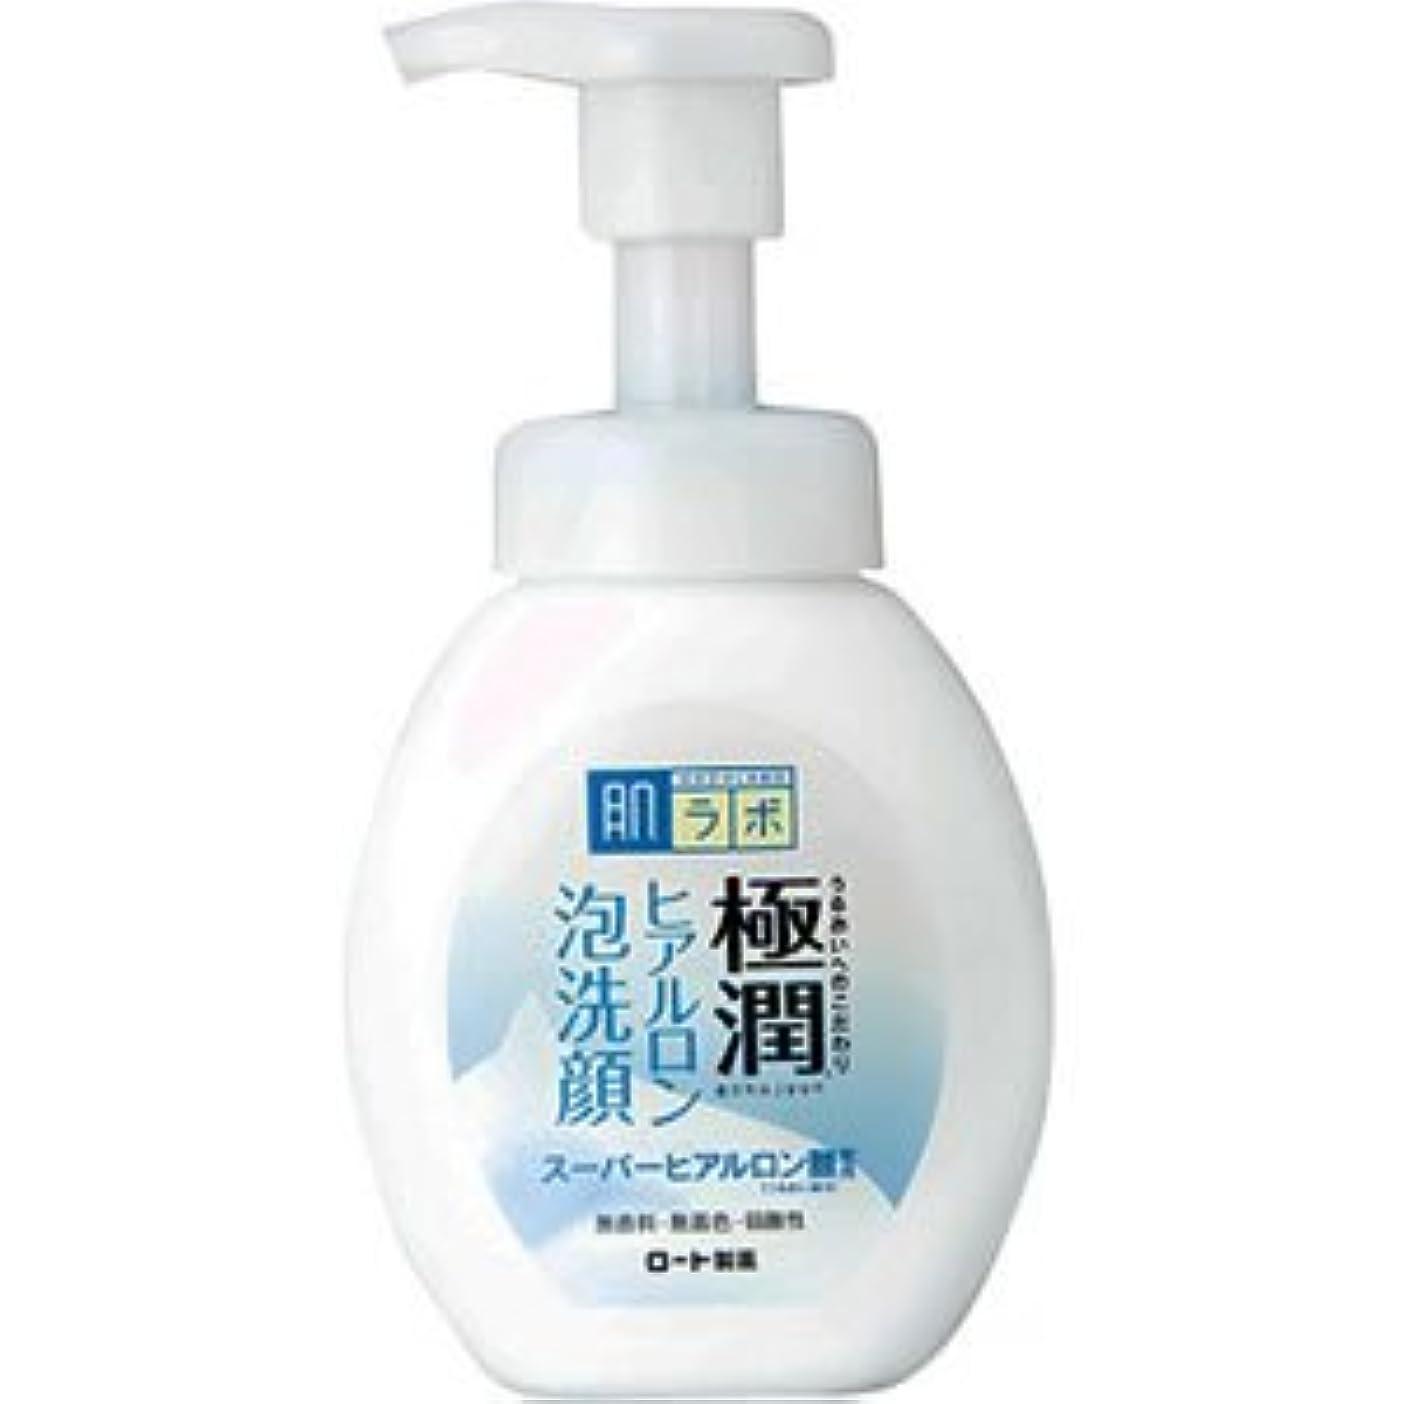 品揃え賃金データベース(ロート製薬)肌研 極潤ヒアルロン泡洗顔 160ml